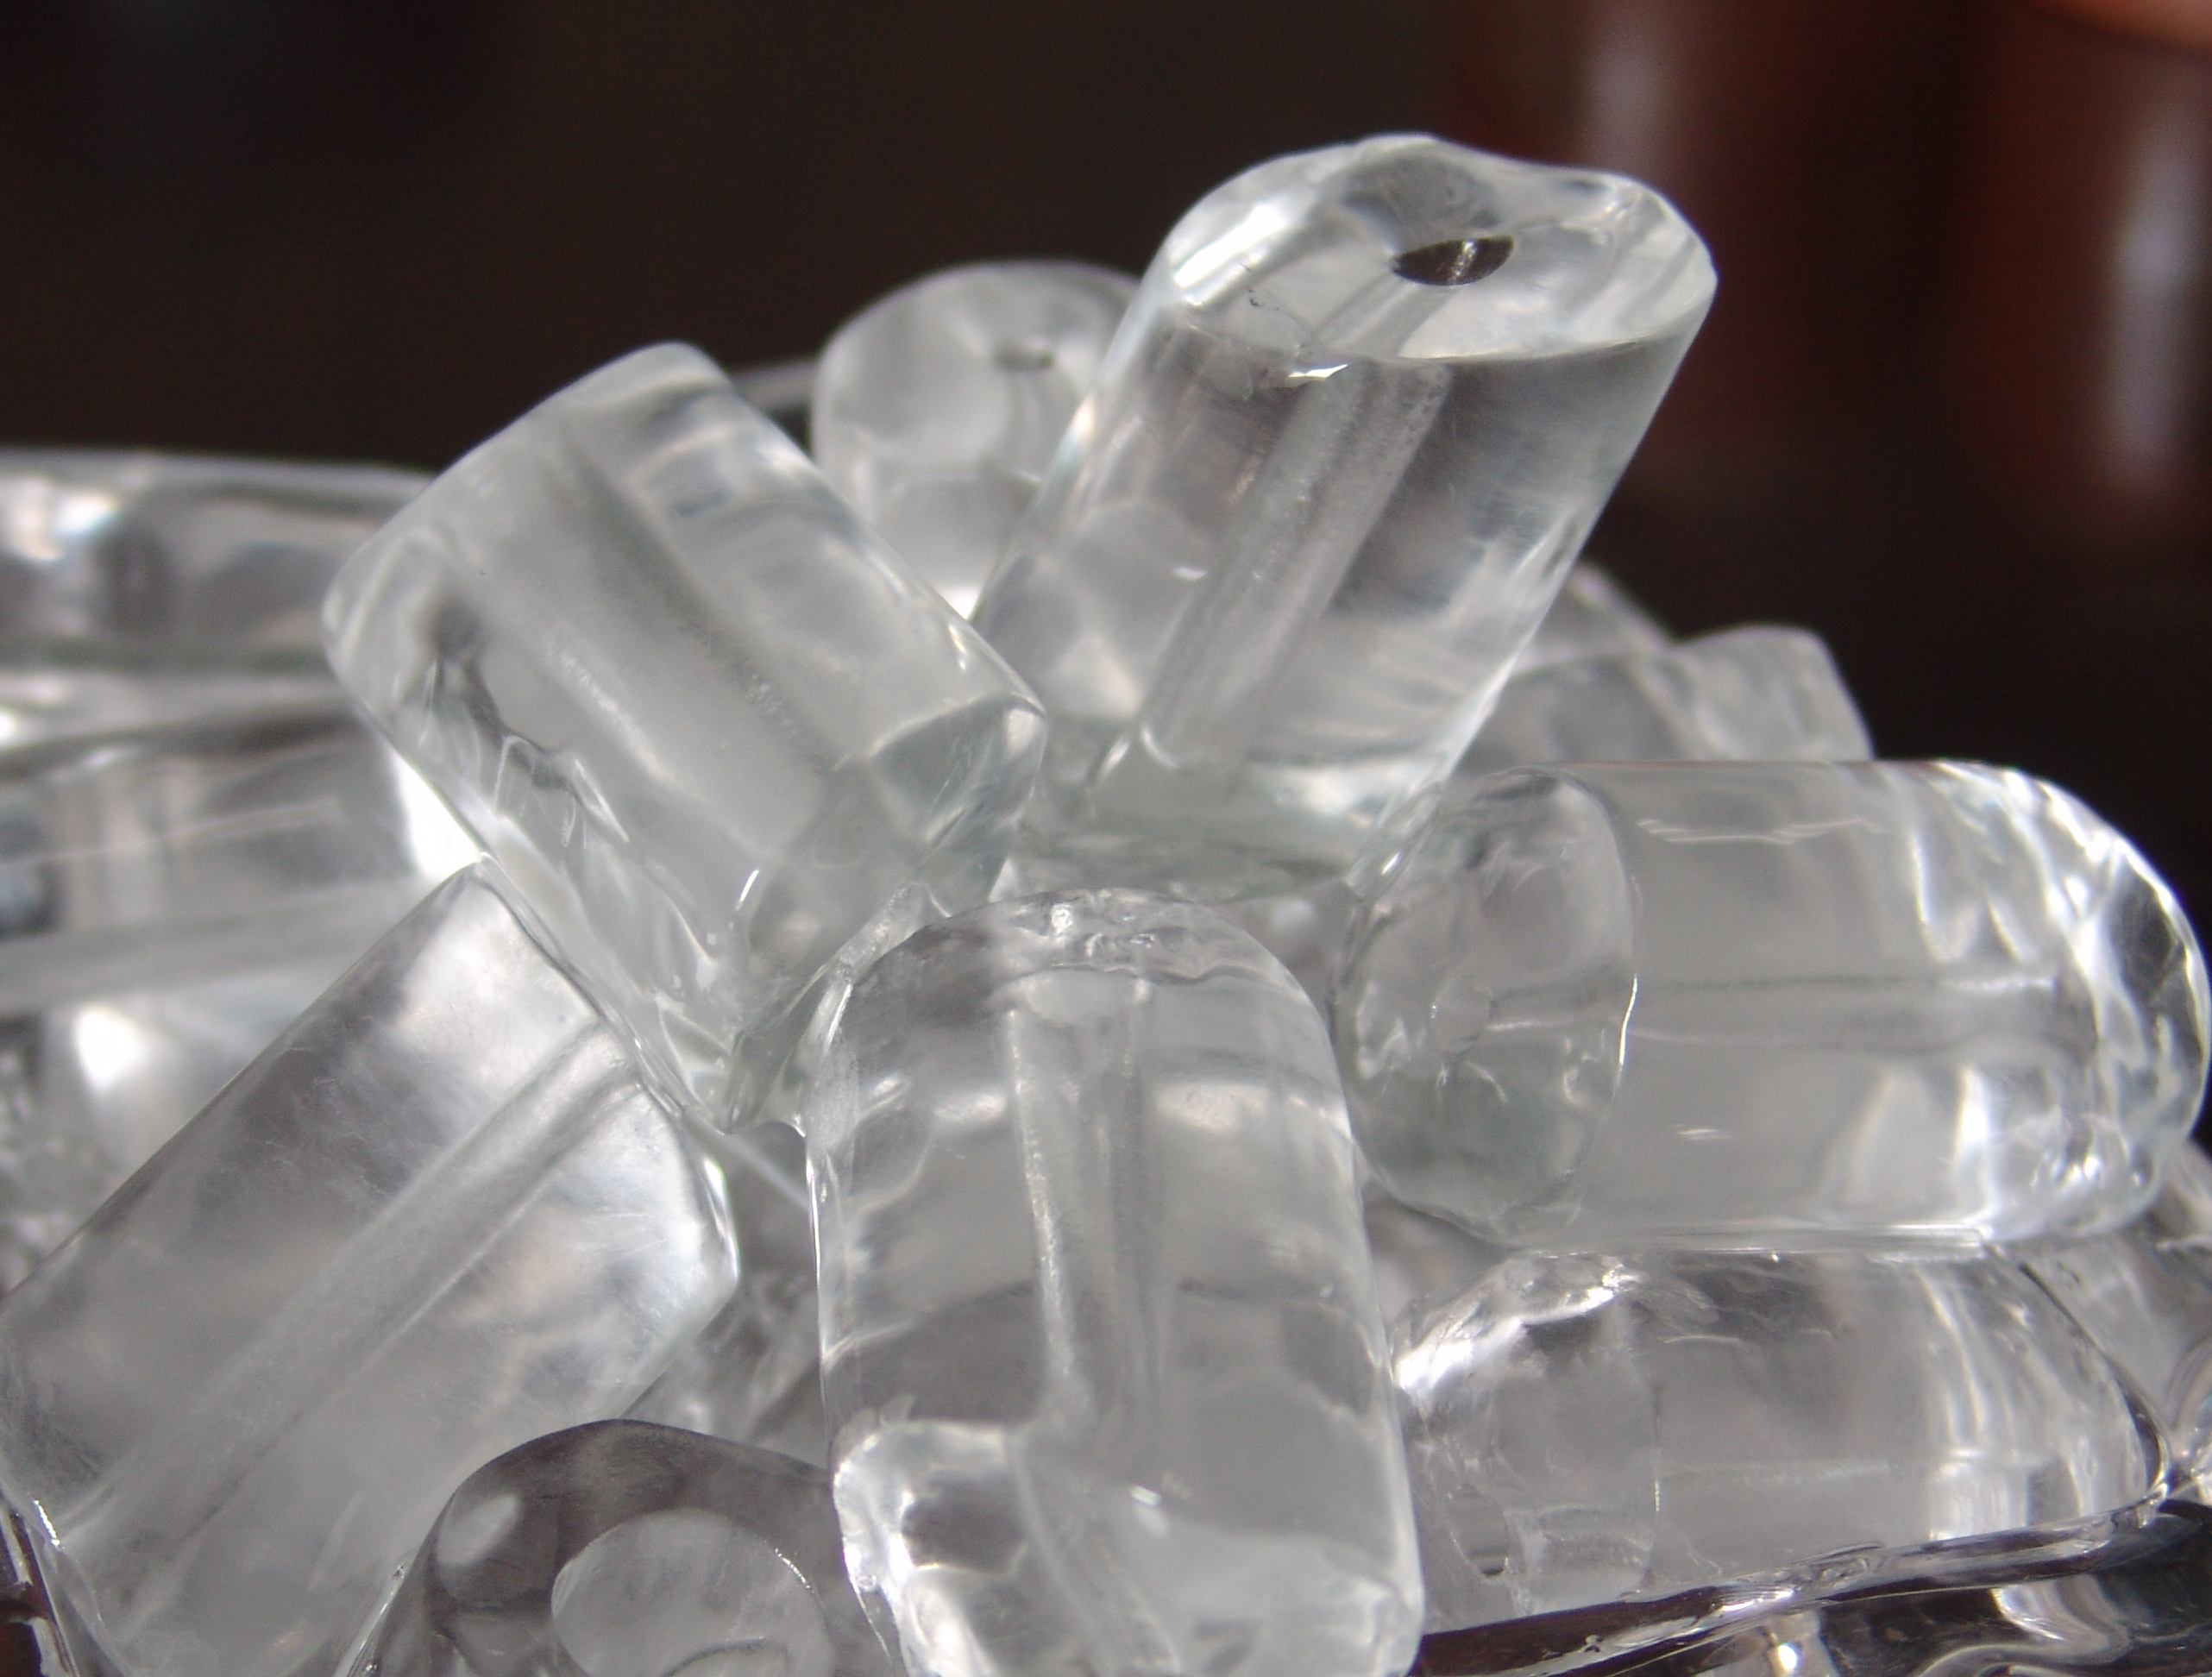 Les bienfaits du froid et pourquoi s'y exposer